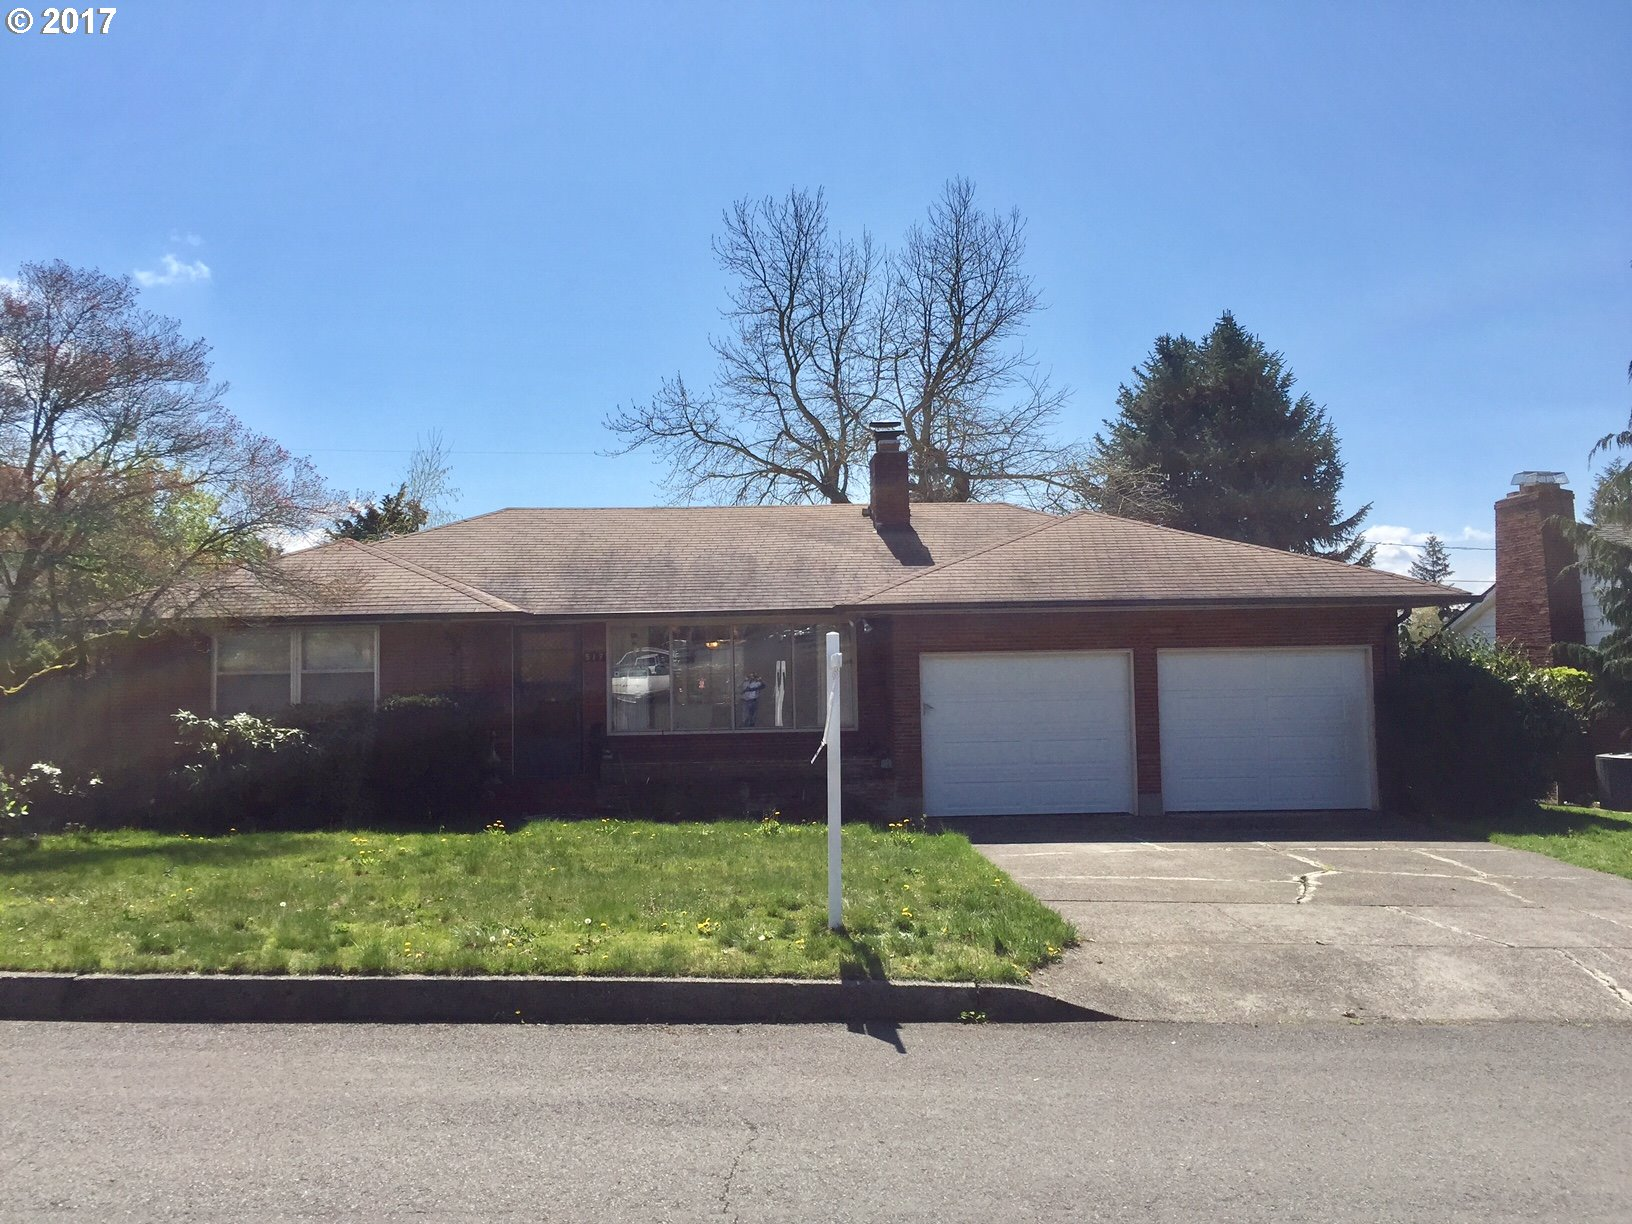 517 W 36TH ST, Vancouver, WA 98660